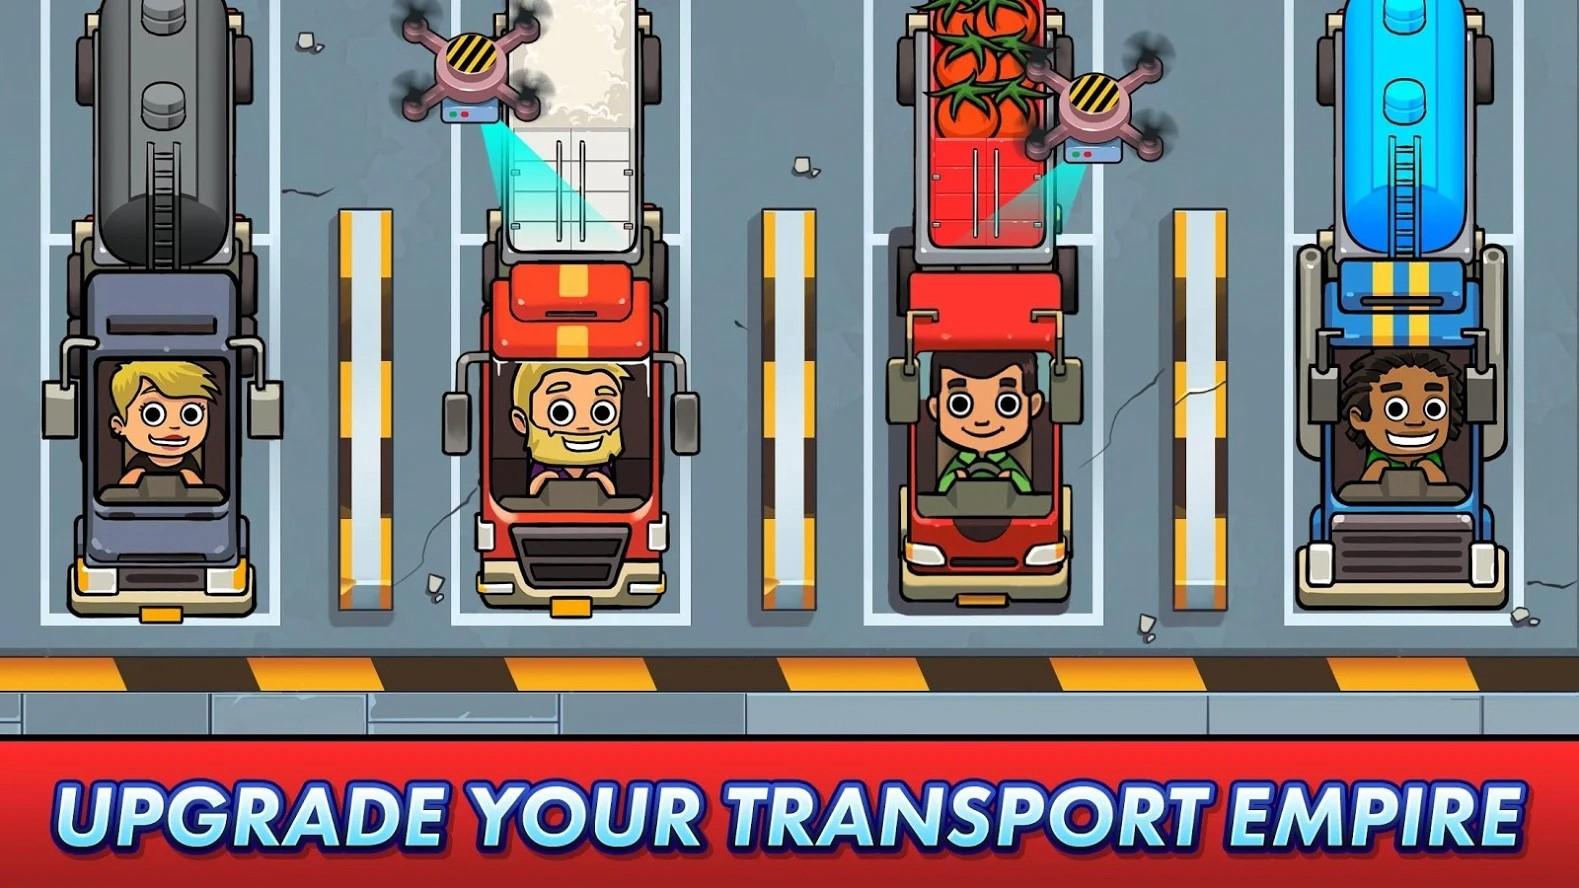 放置运输大亨破解版无限钻石金币游戏截图